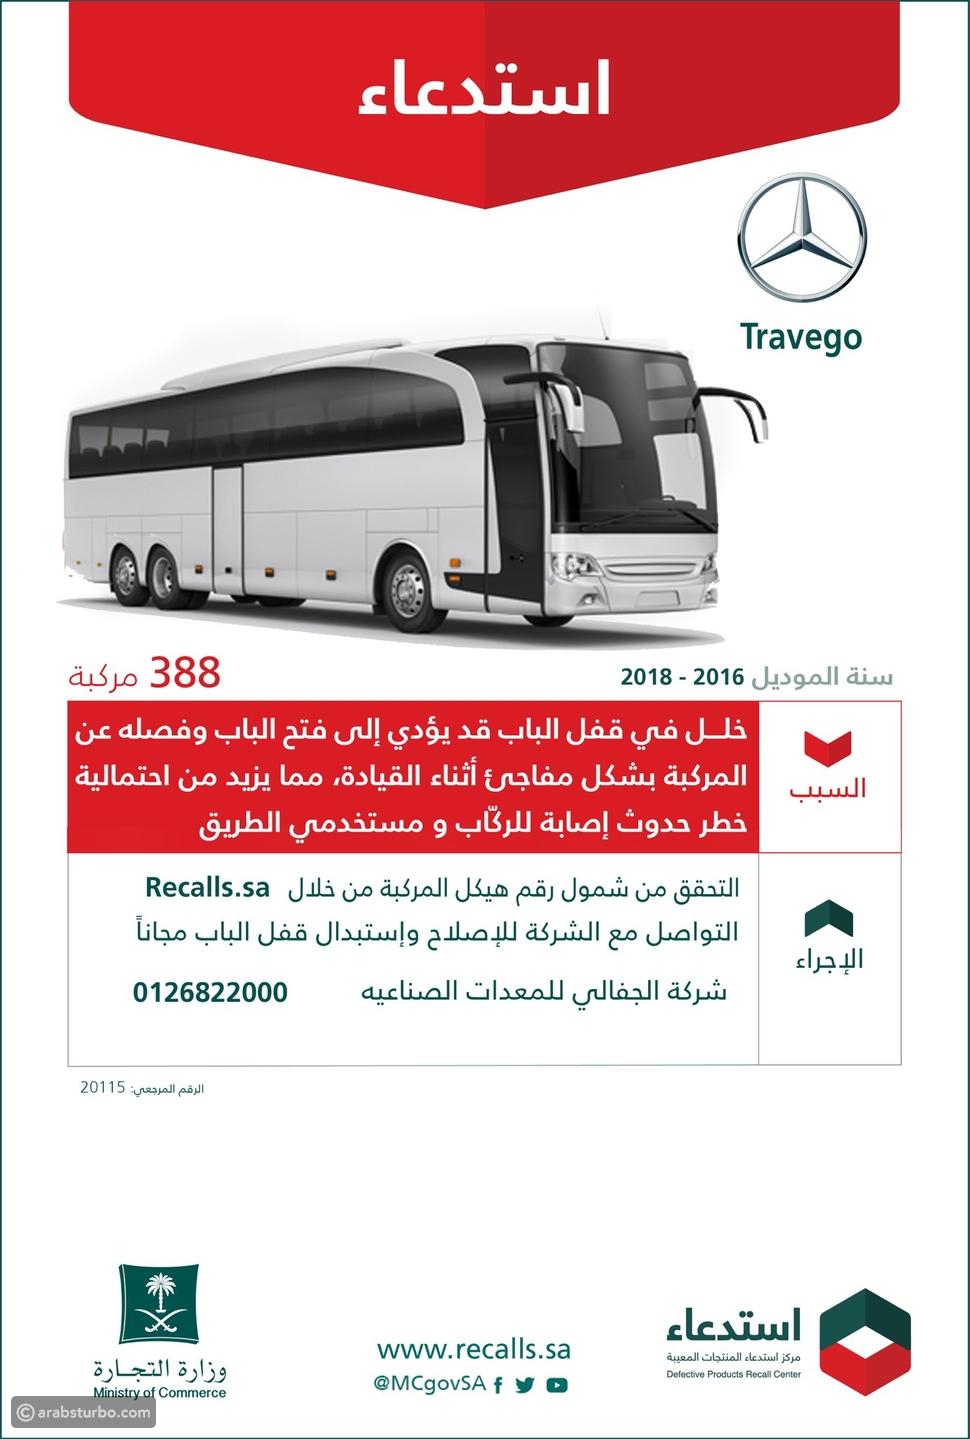 رسميًا: وزارة التجارة والاستثمار تستدعي حافلات مرسيدس